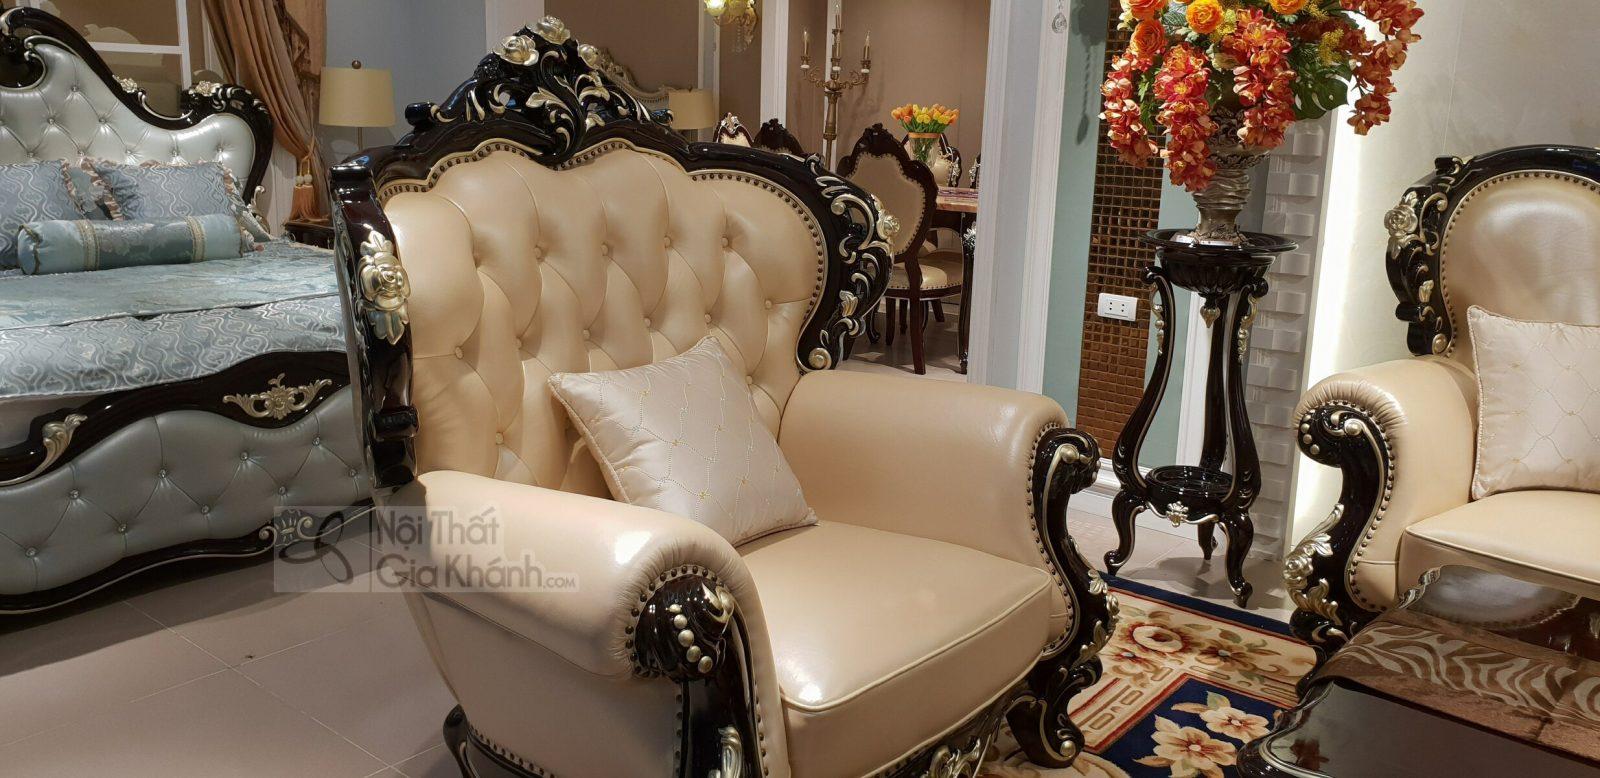 Bộ sofa da thật nhập khẩu phong cách cổ điển hoàng gia G955SF - sofa G955SF 15